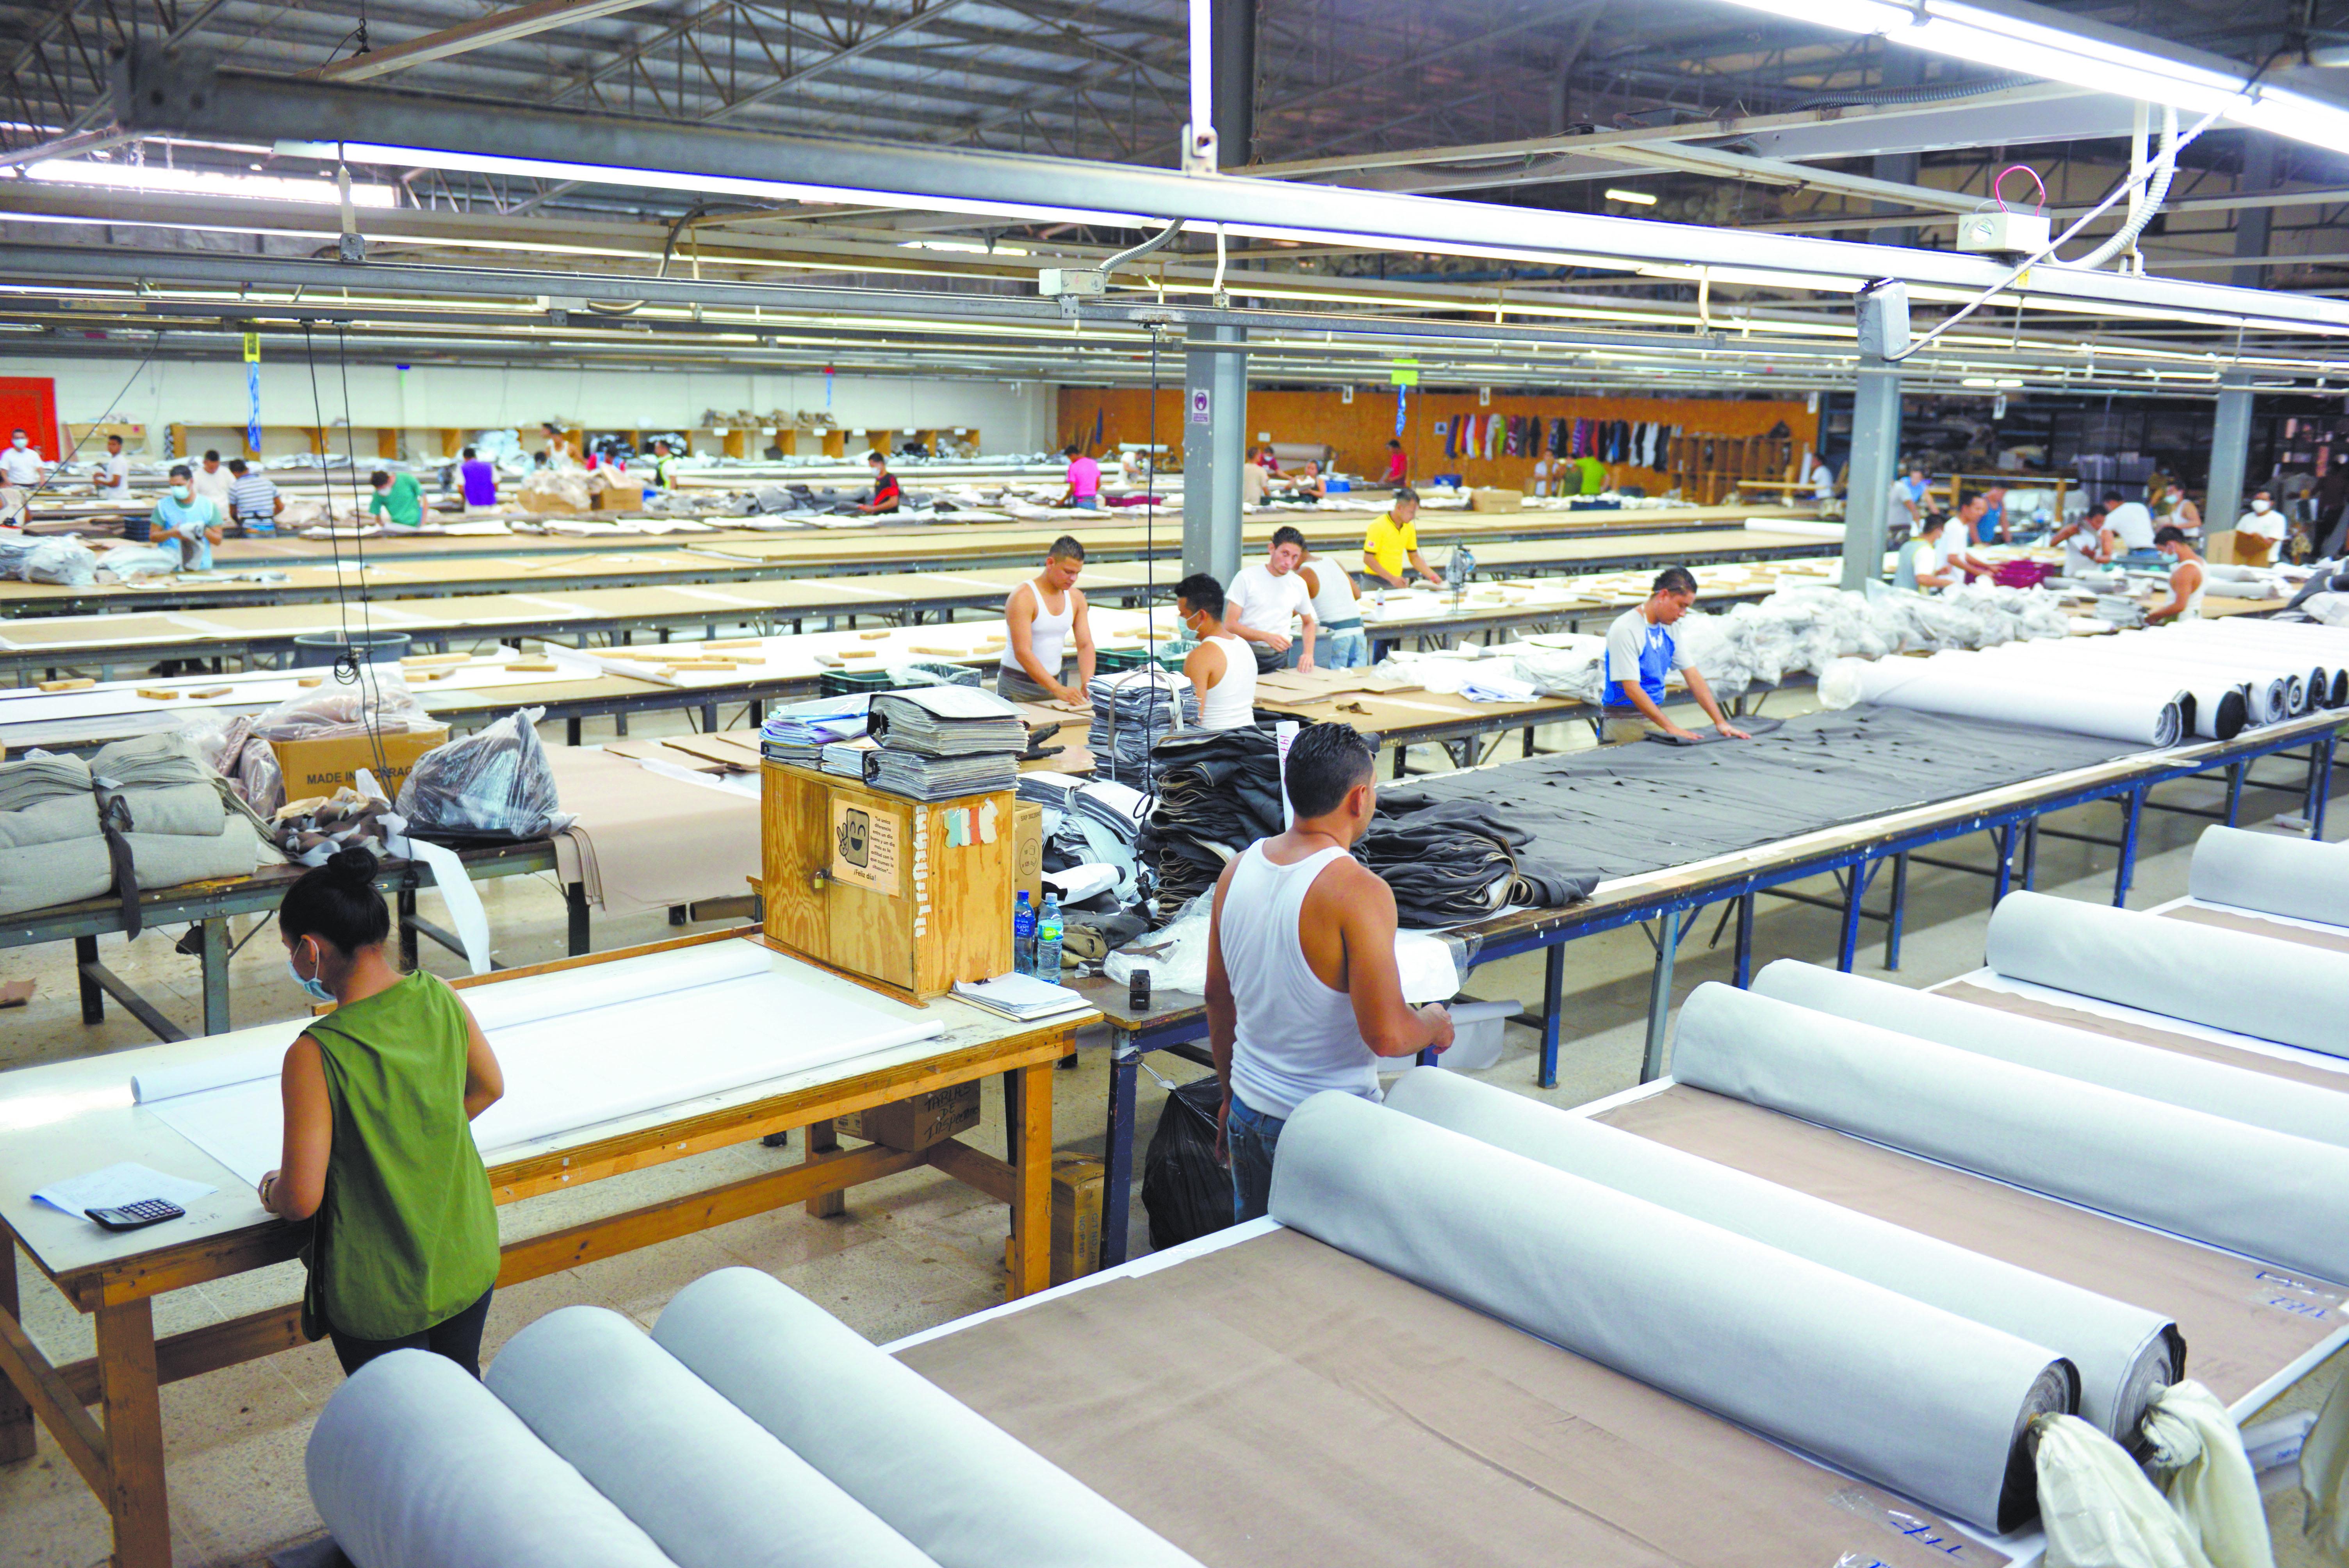 Zona Franca Reduce Dependencia Con Diversificaci N La Prensa # Muebles Zona Franca